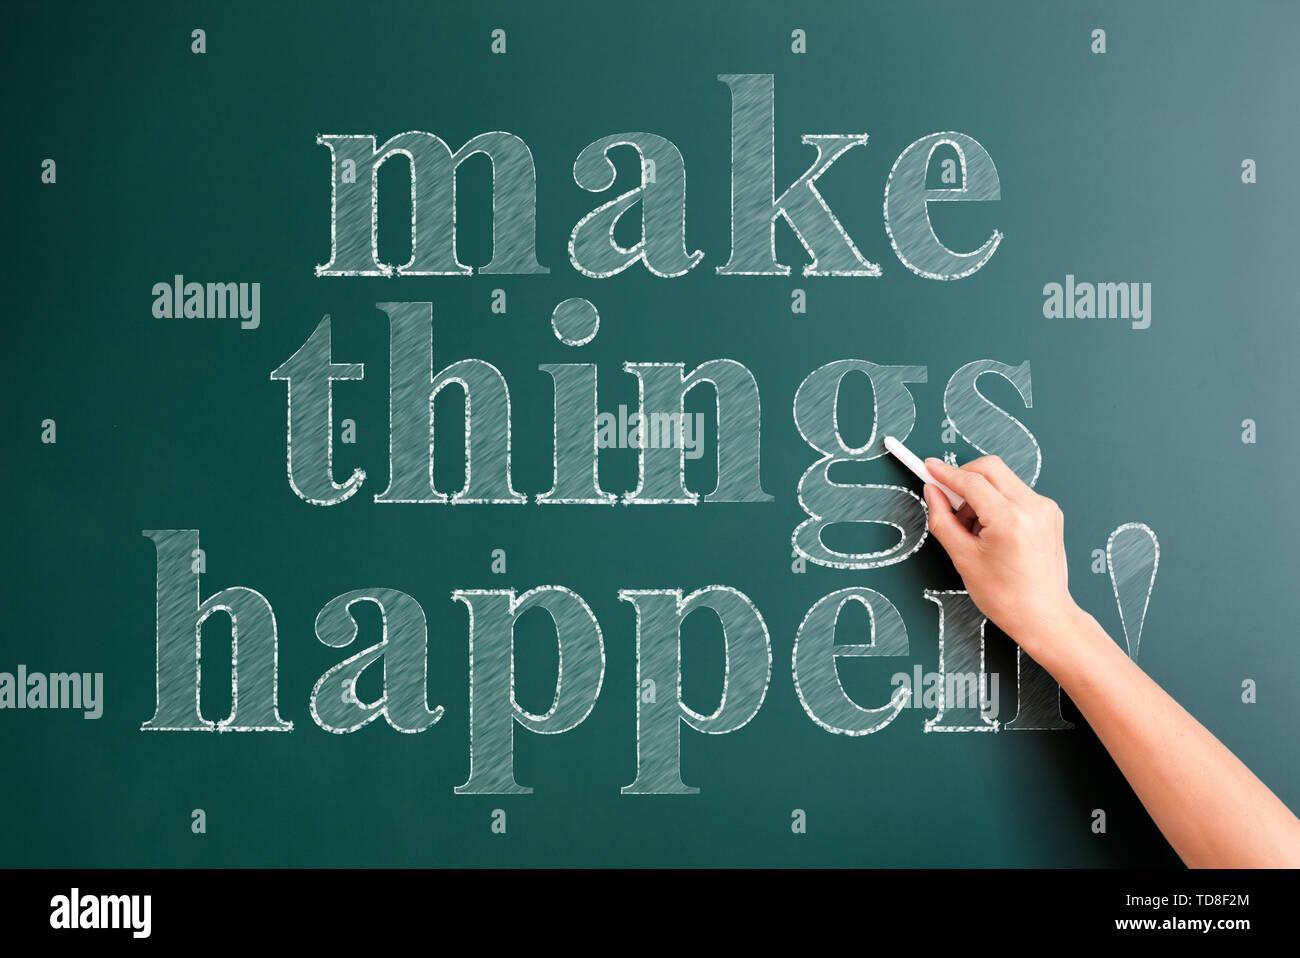 make things happen written on blackboard - Stock Image